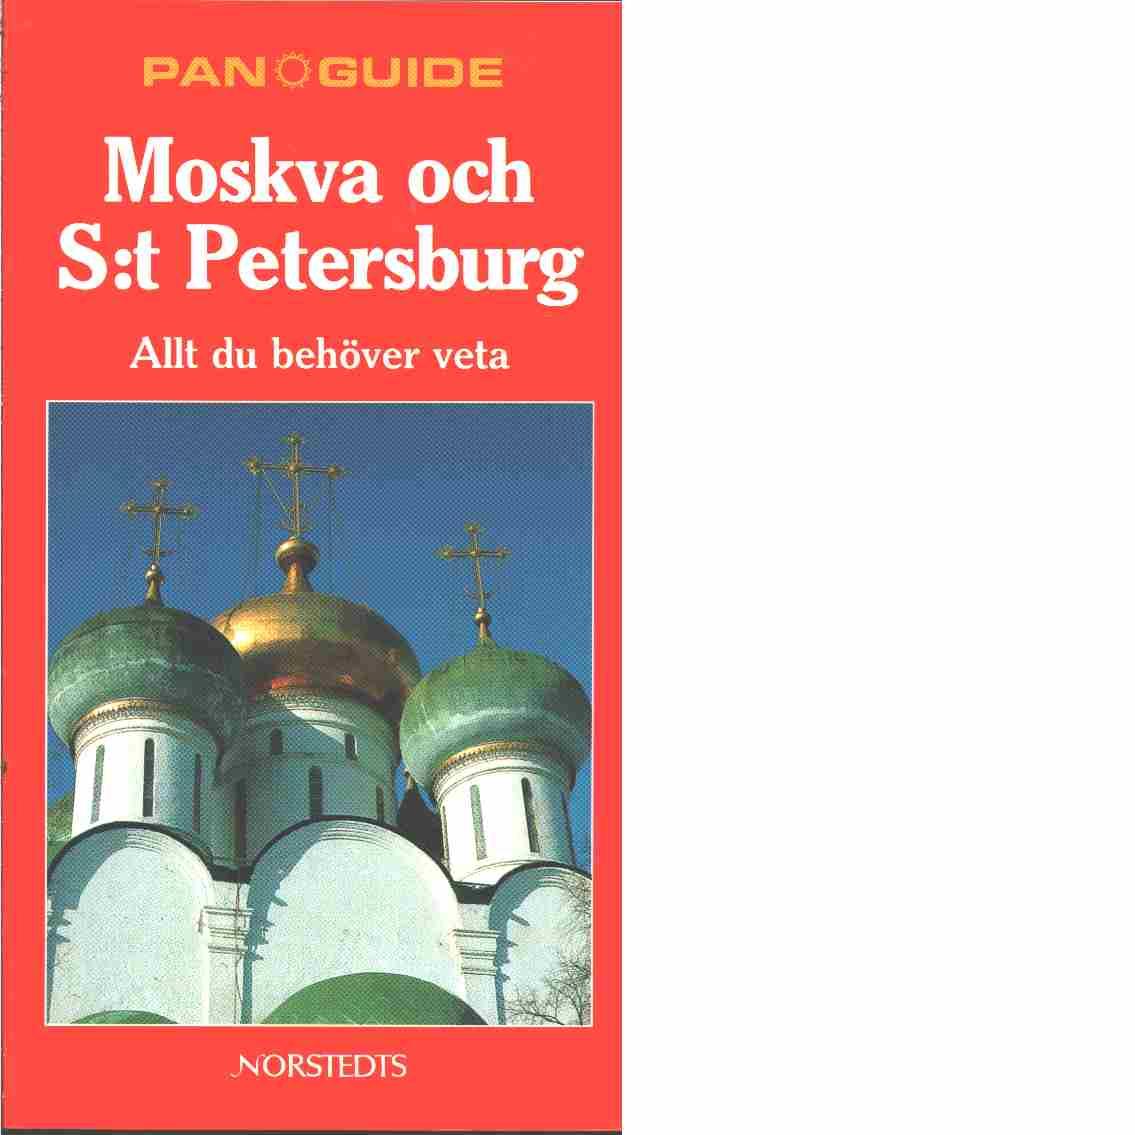 Moskva och S:t Petersburg  - Rice, Christopher och Rice, Melanie